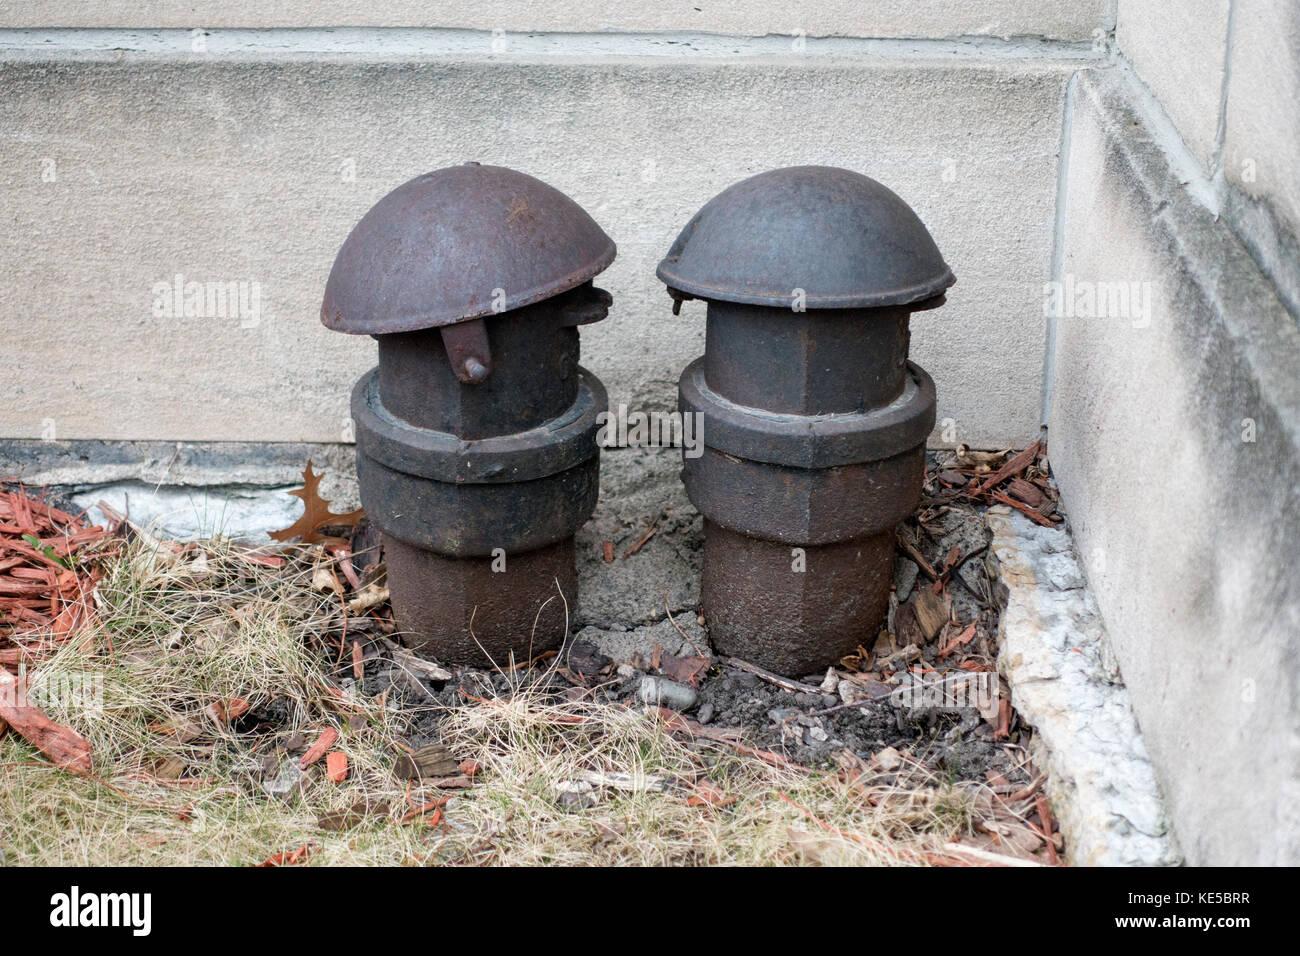 La punta del sombrero y una buena mañana a mi pareja embedded junto a mí. St Paul MN Minnesota ee.uu. Imagen De Stock